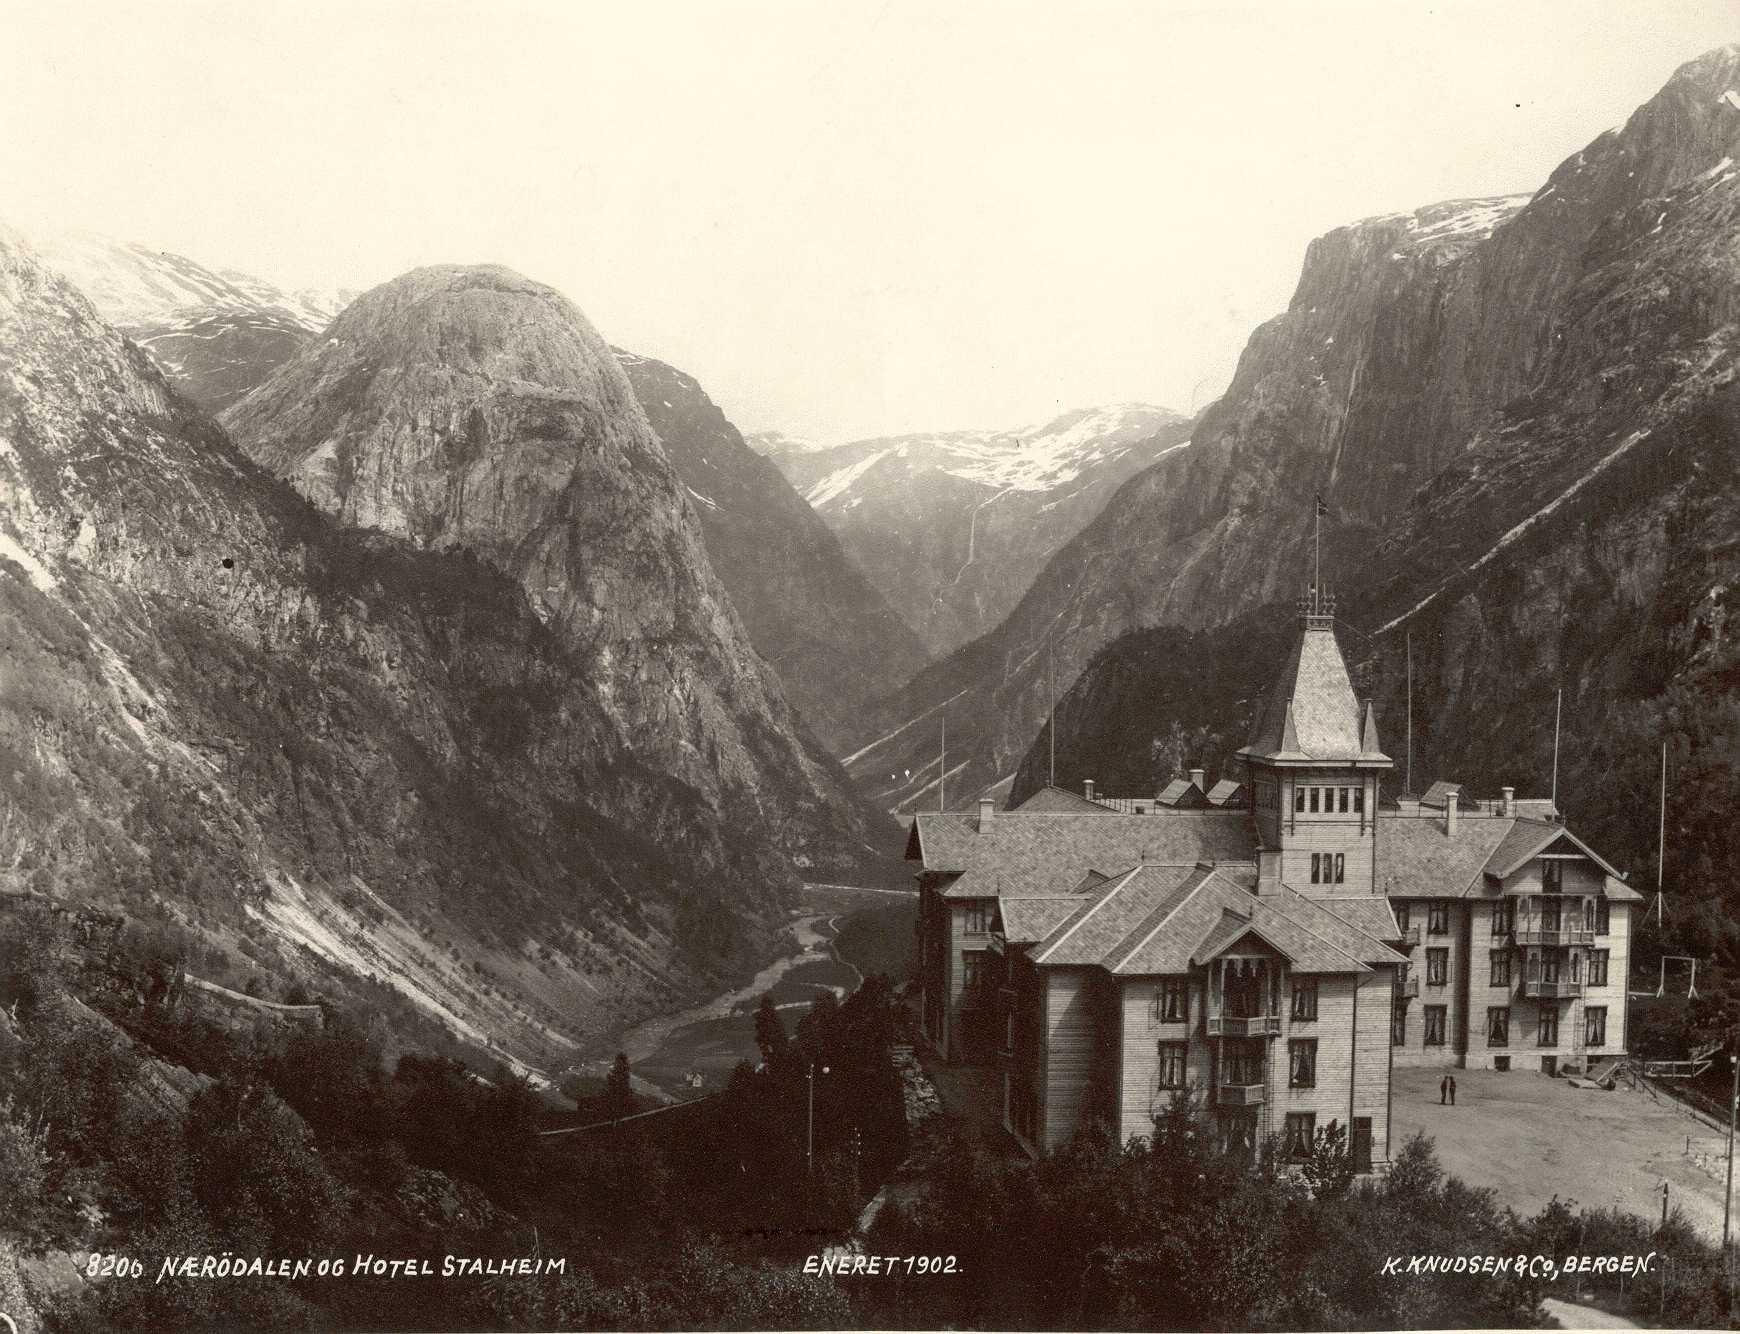 Stalheim Hotel 1902